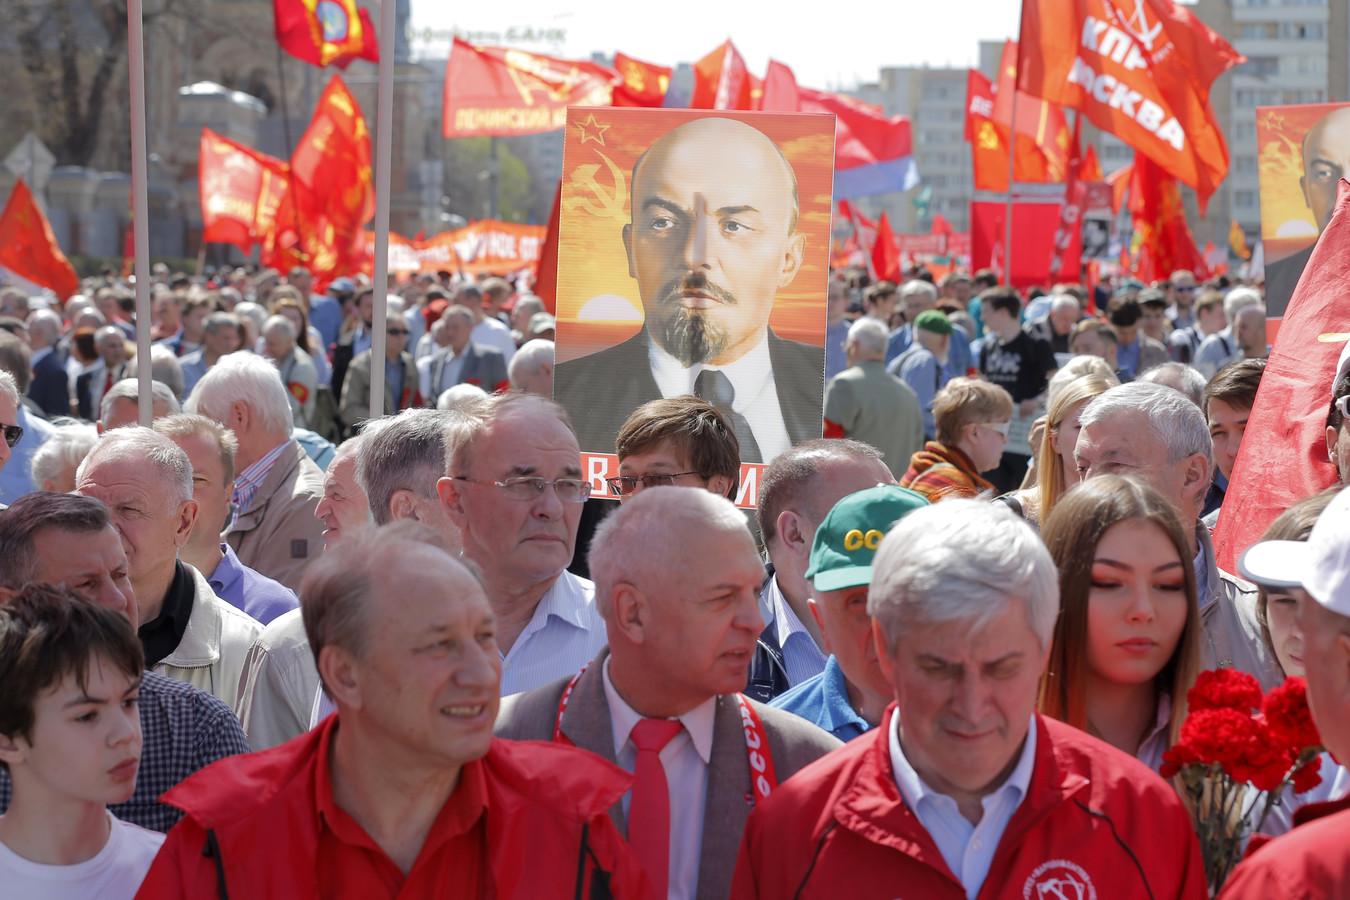 De Dag van de Arbeid wordt in Rusland ieder jaar wel groots gevierd.